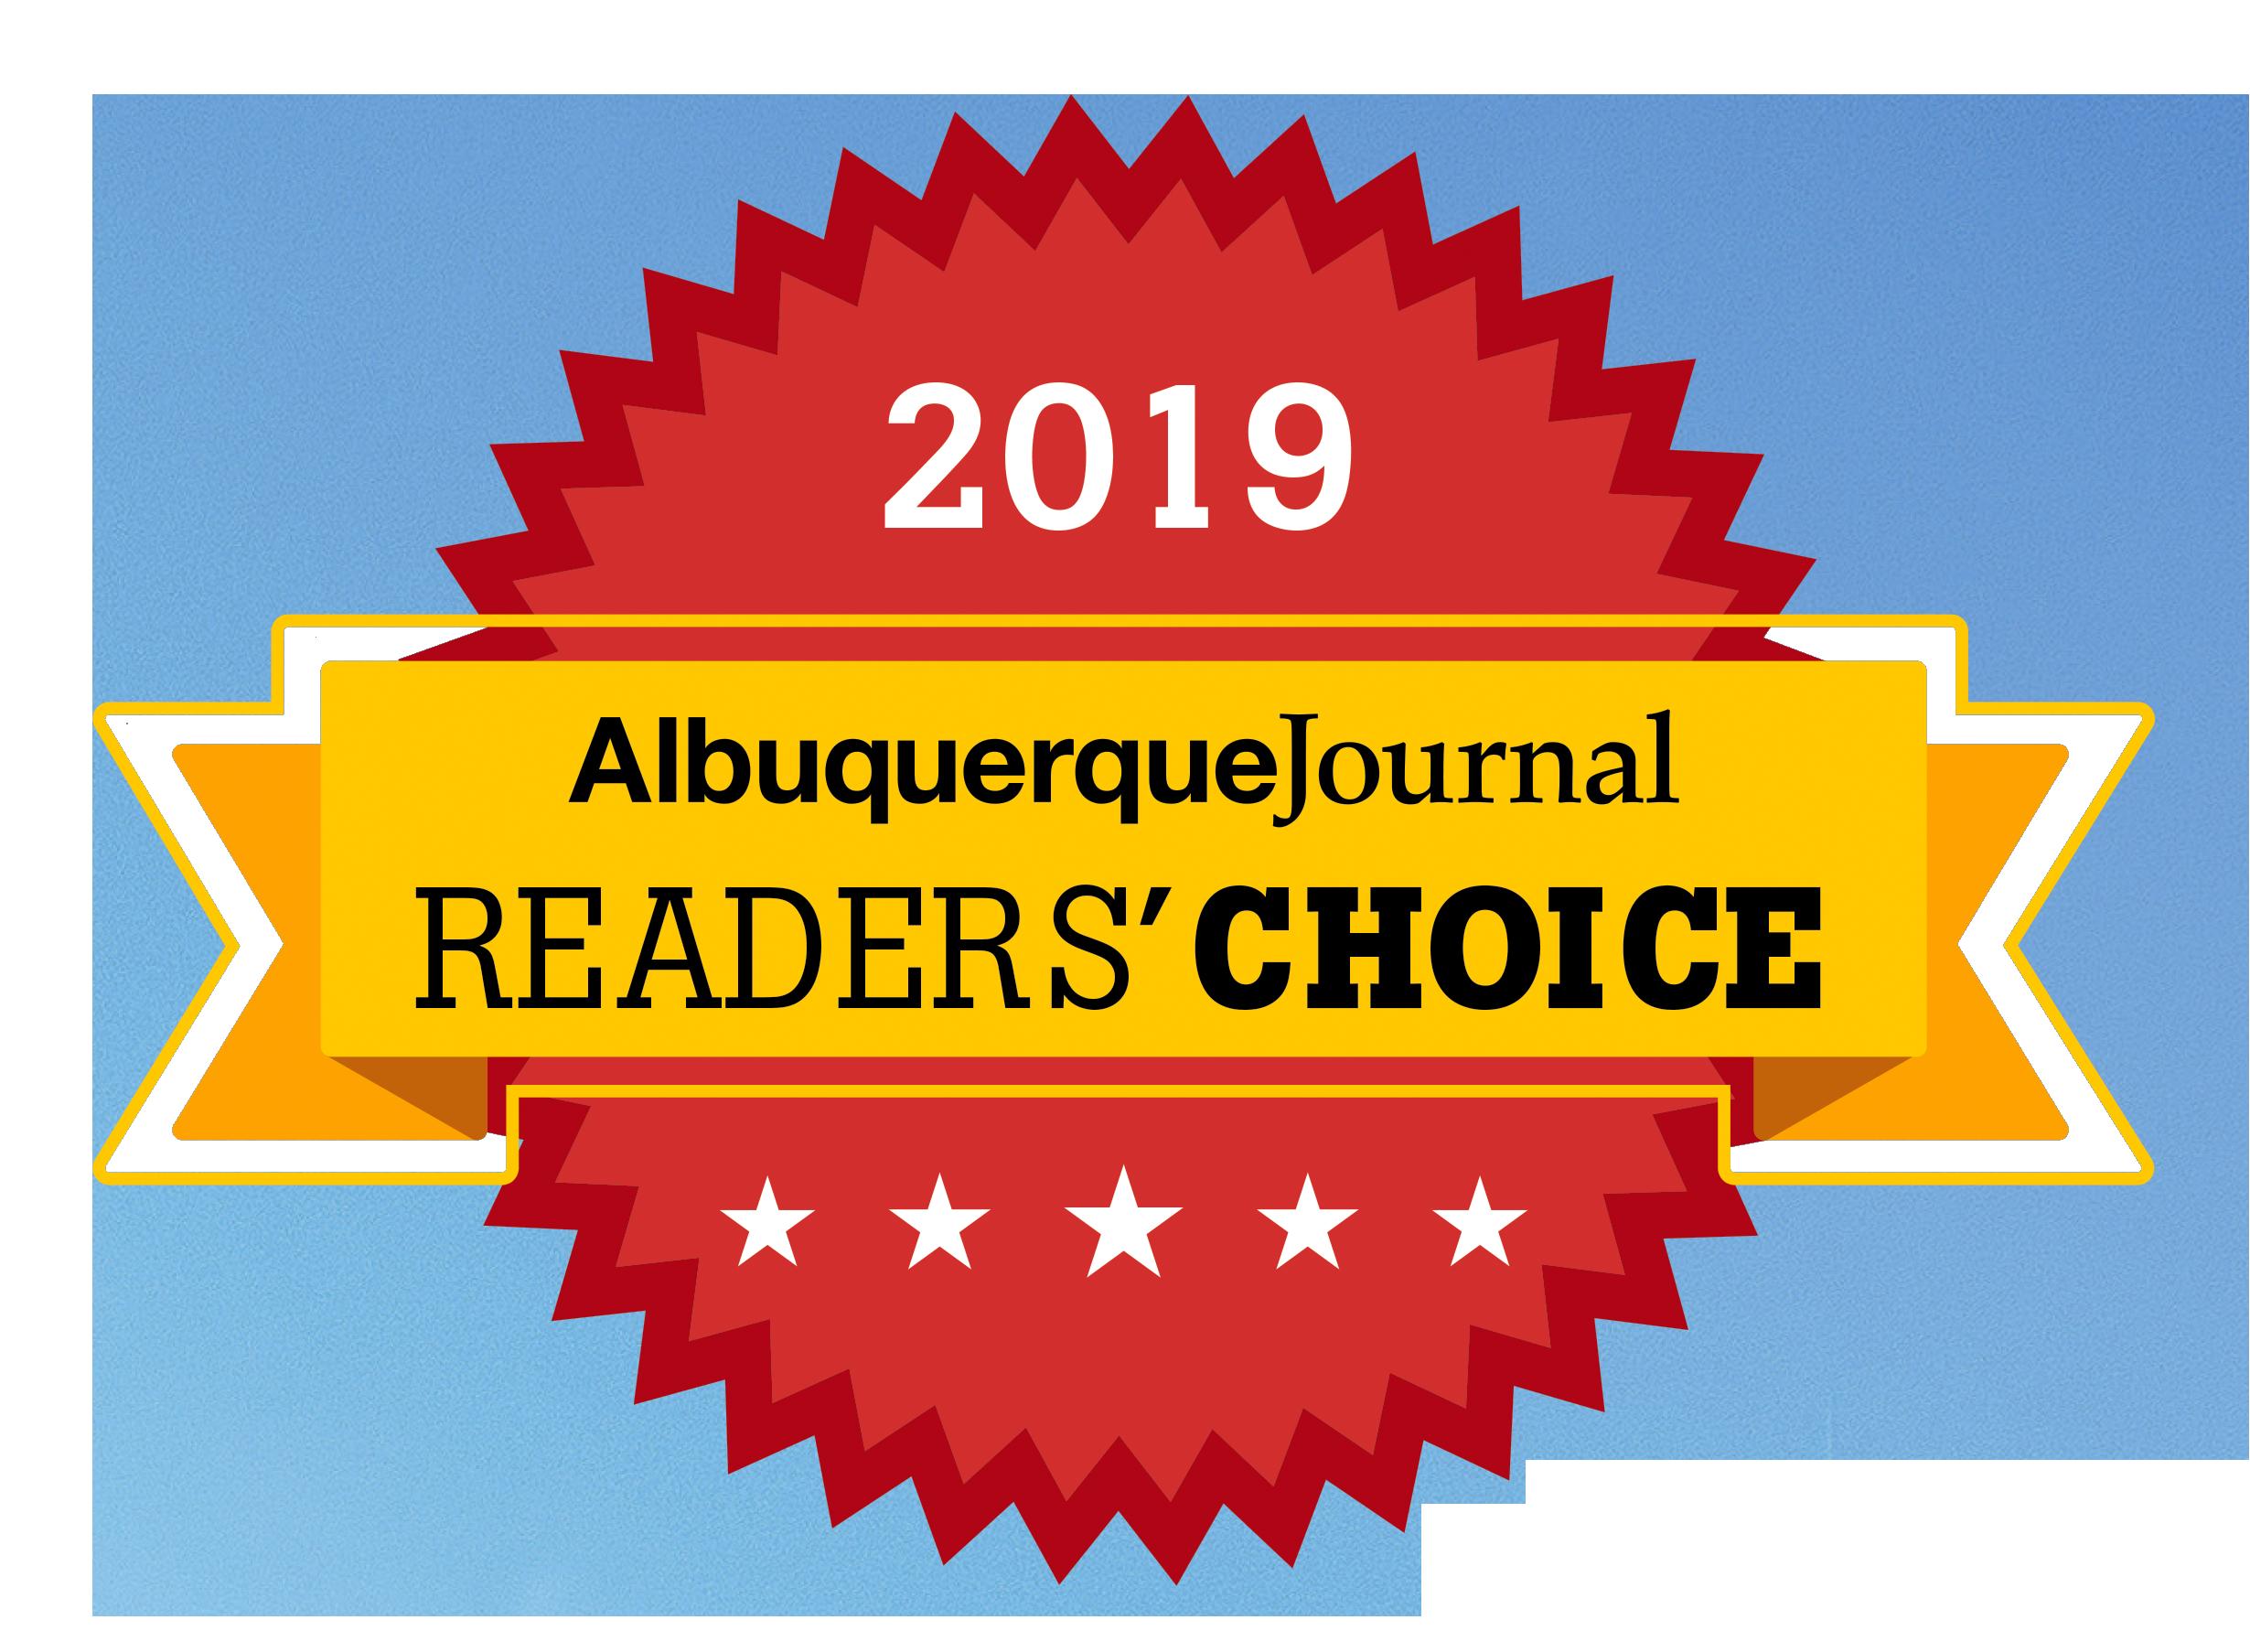 readerschoice_abqjournal.png